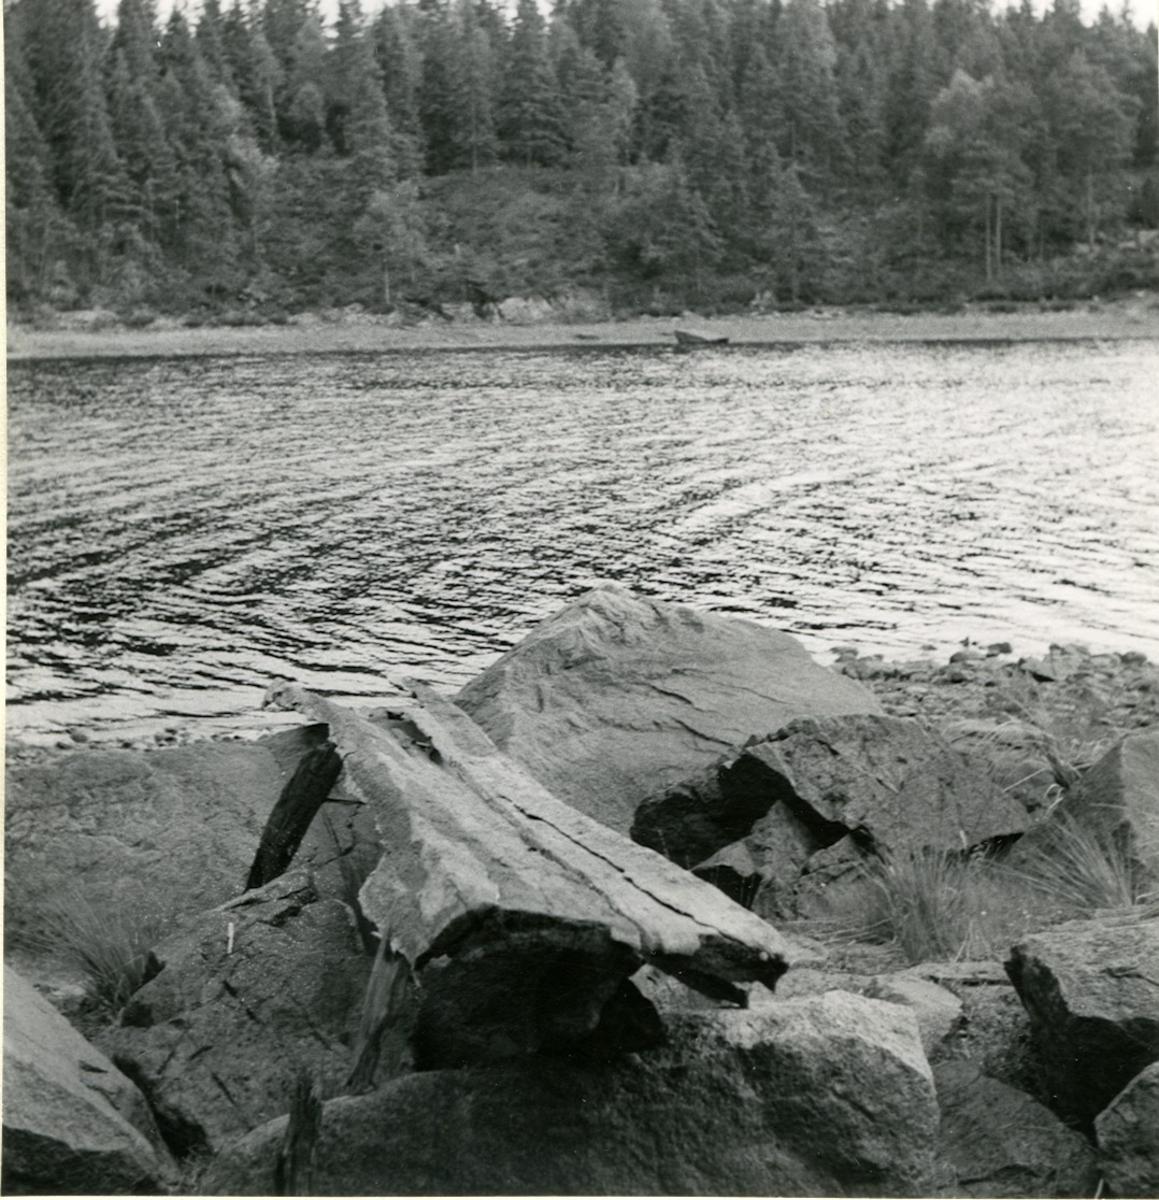 Dalskog, Stora Örlevattensjön